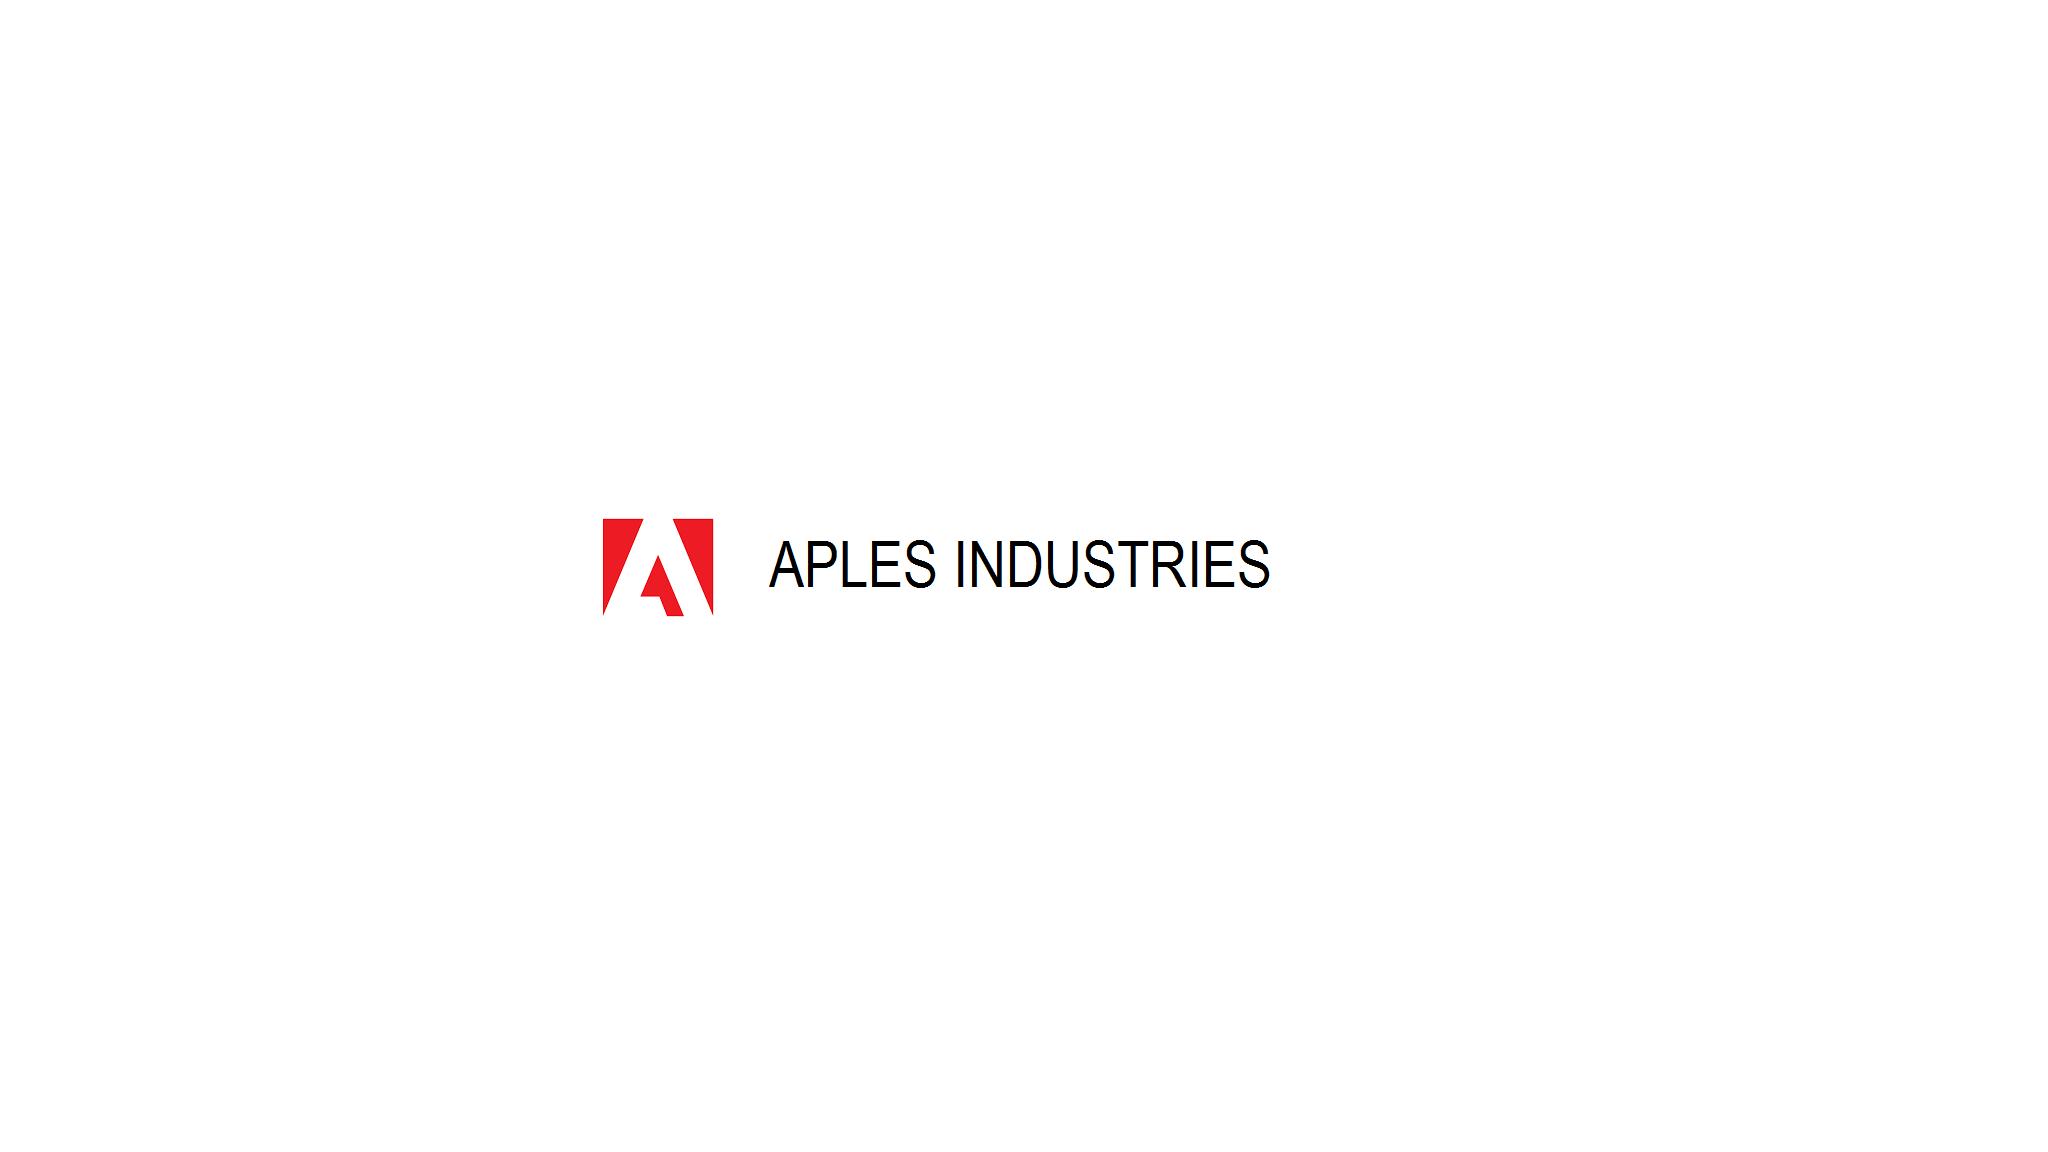 Aples Industries